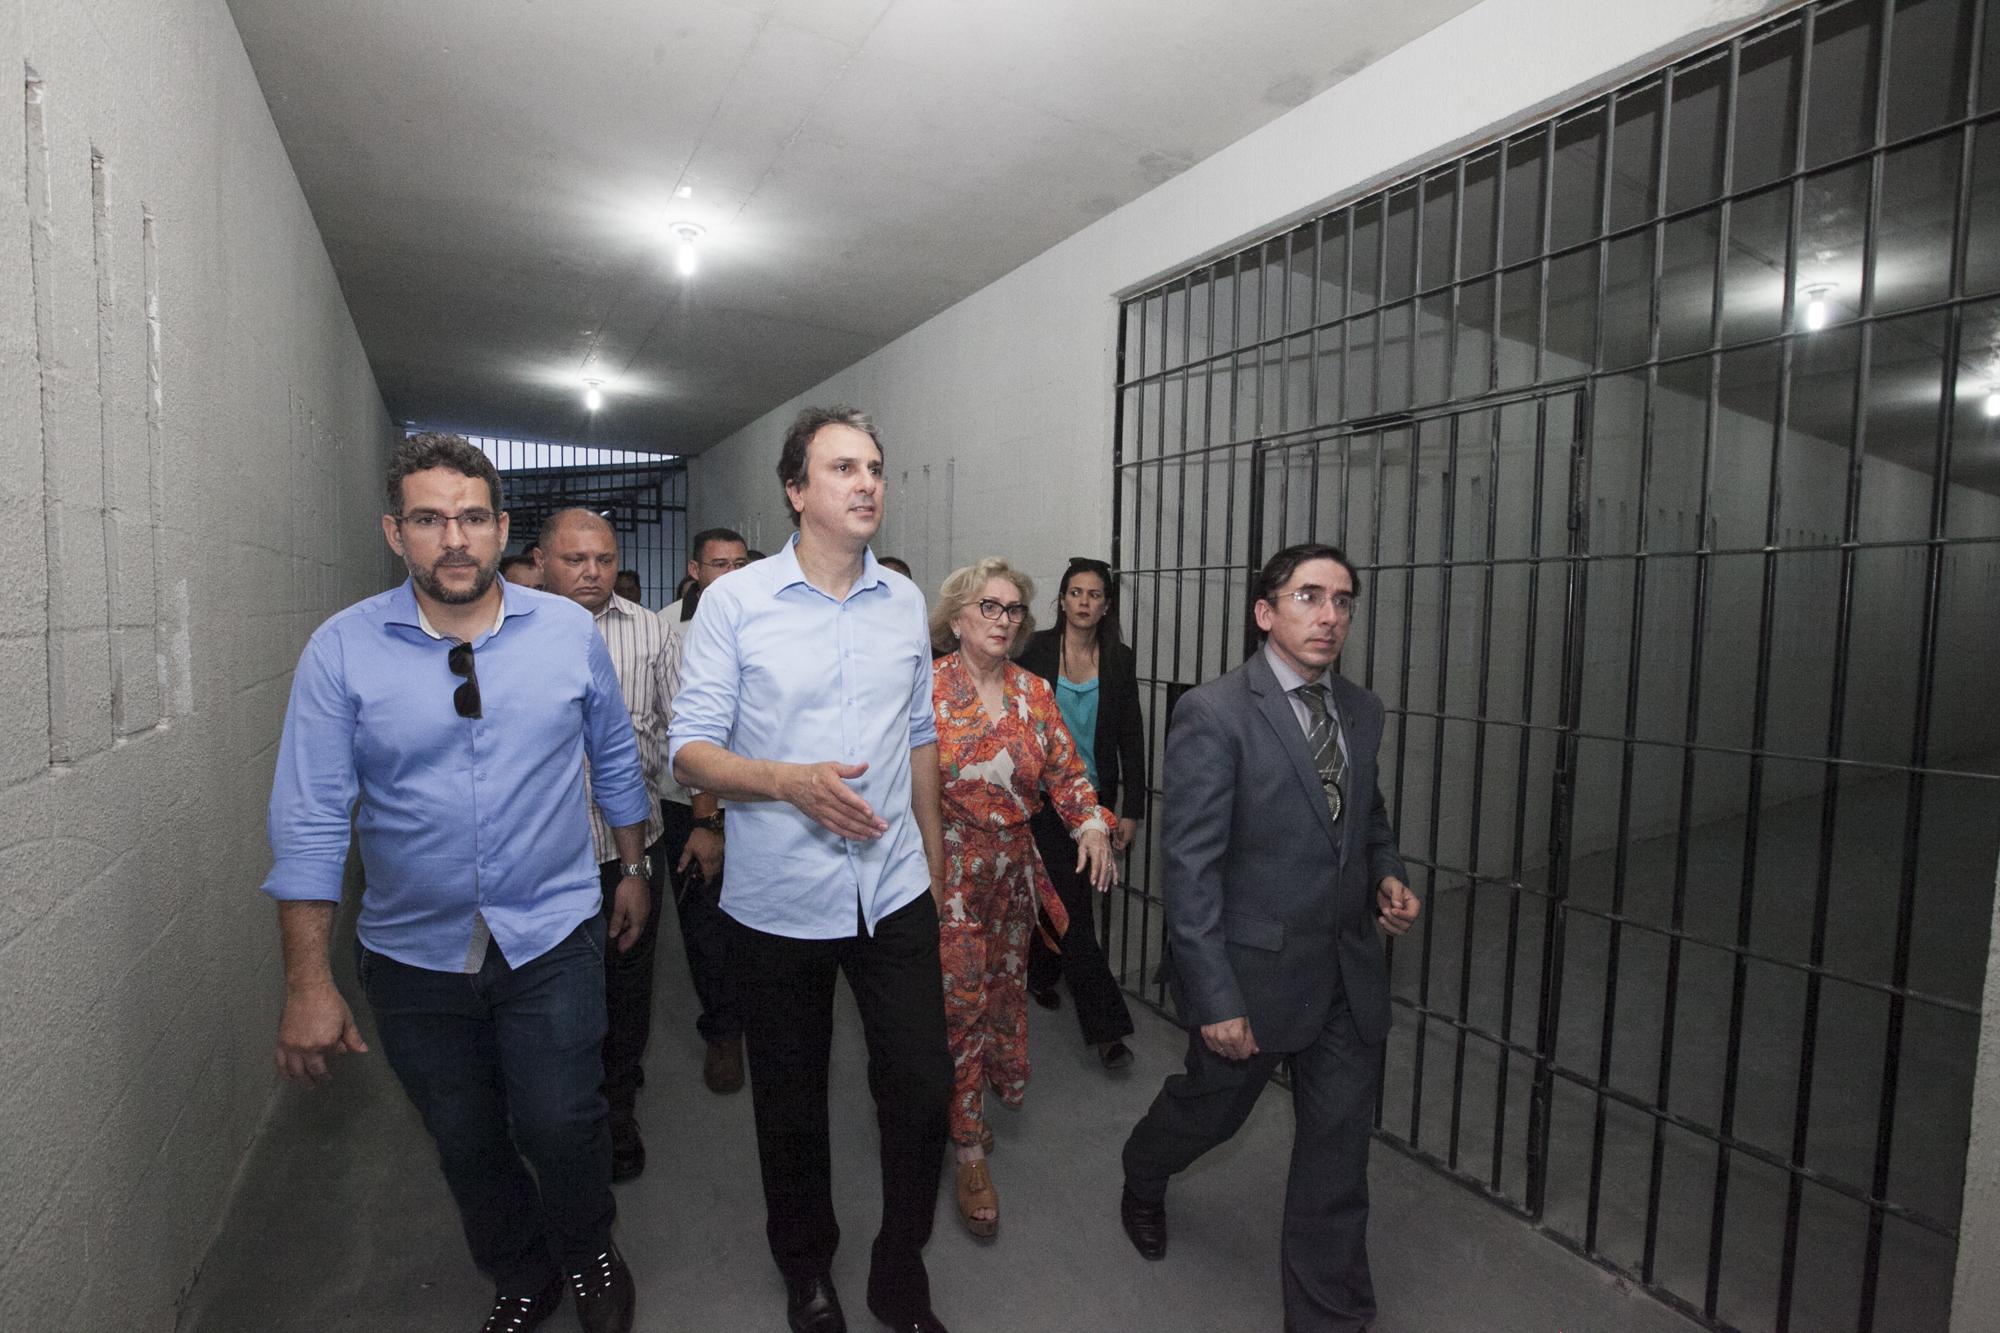 Inaugurada Nova Unidade Prisional Em Itaitinga Com